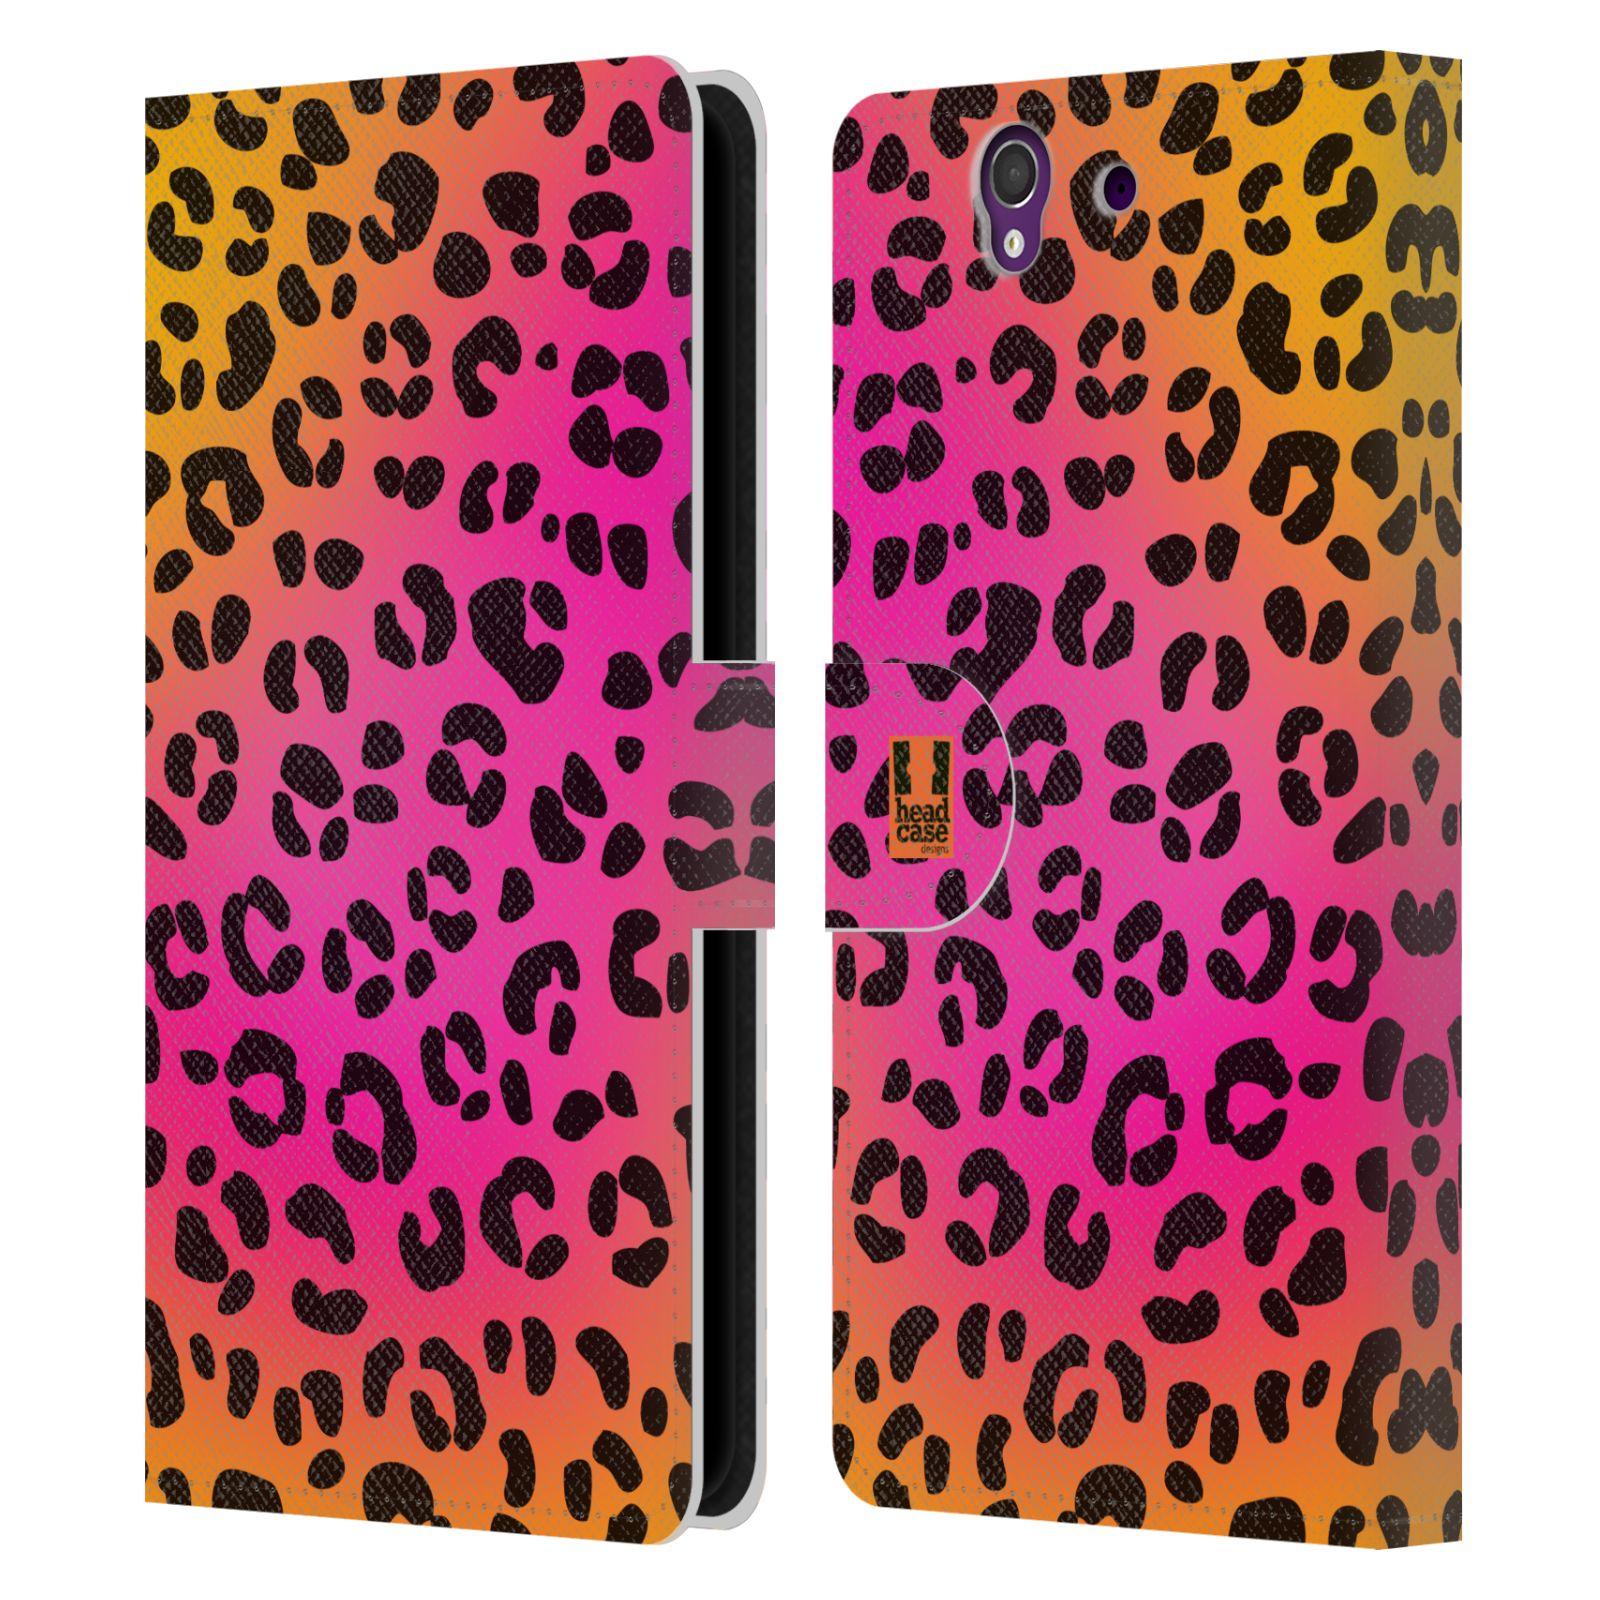 HEAD CASE Flipové pouzdro pro mobil SONY XPERIA Z (C6603) Zvířecí barevné vzory růžový leopard